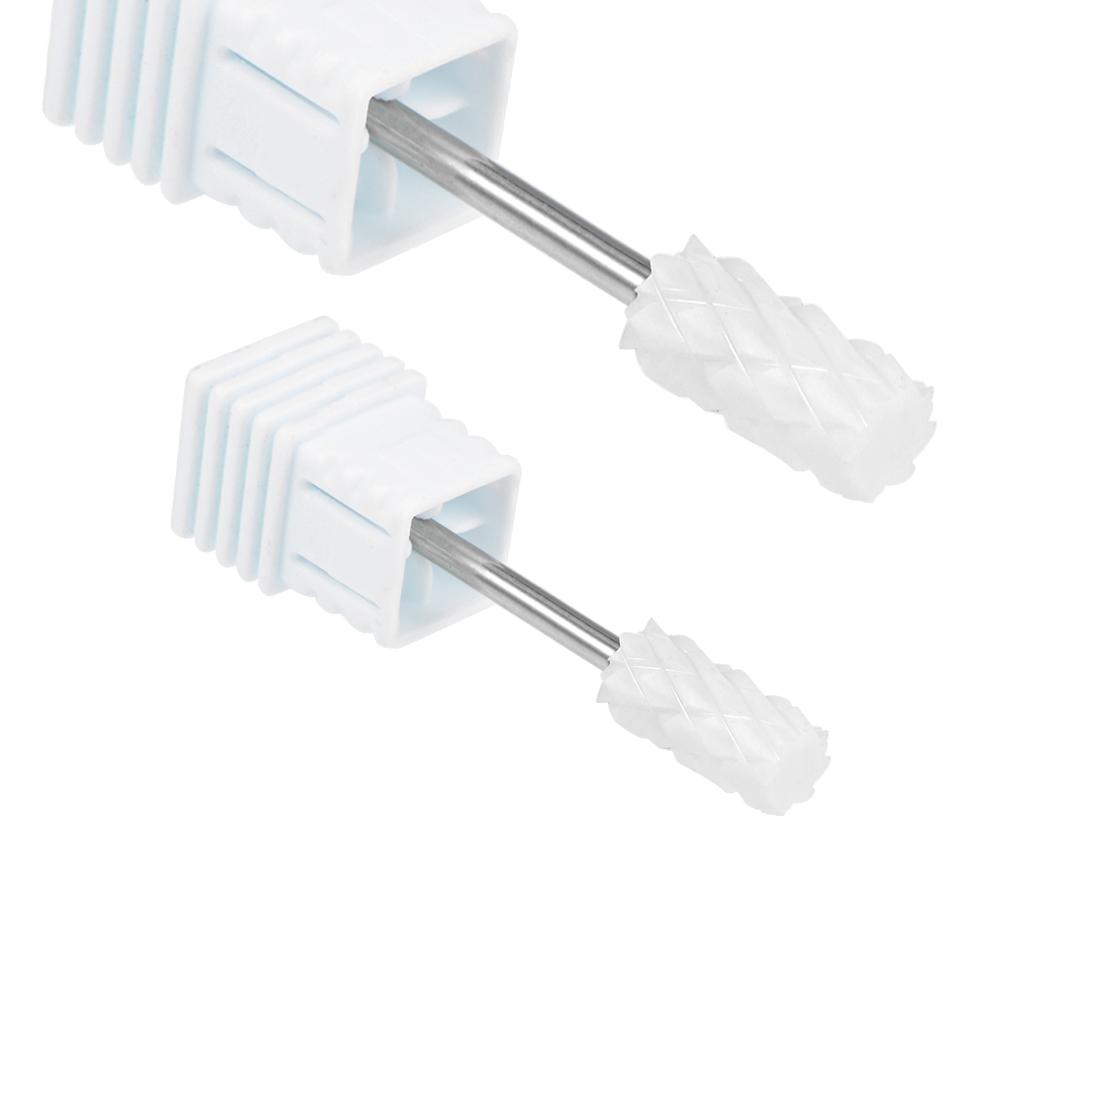 2pcs Ceramic Nail Drill Bits 3/32 (4X Coarse - XXXXC) Electric Nails File Bit